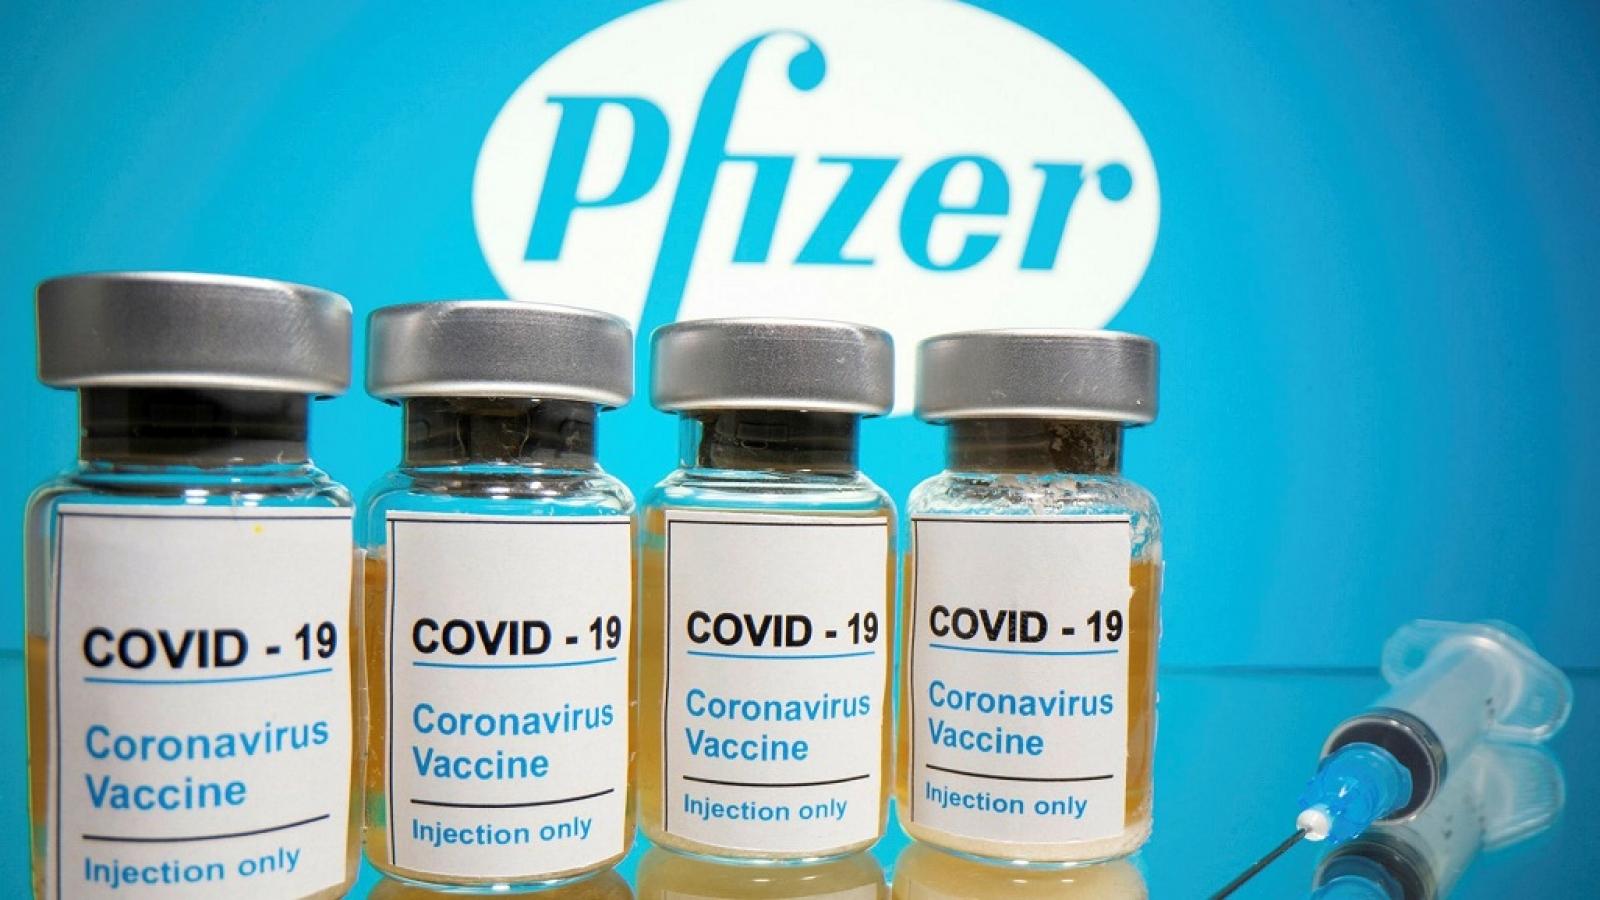 Quản lý thị trường được tập huấn nhận biết vaccine chính hãng Pfizer